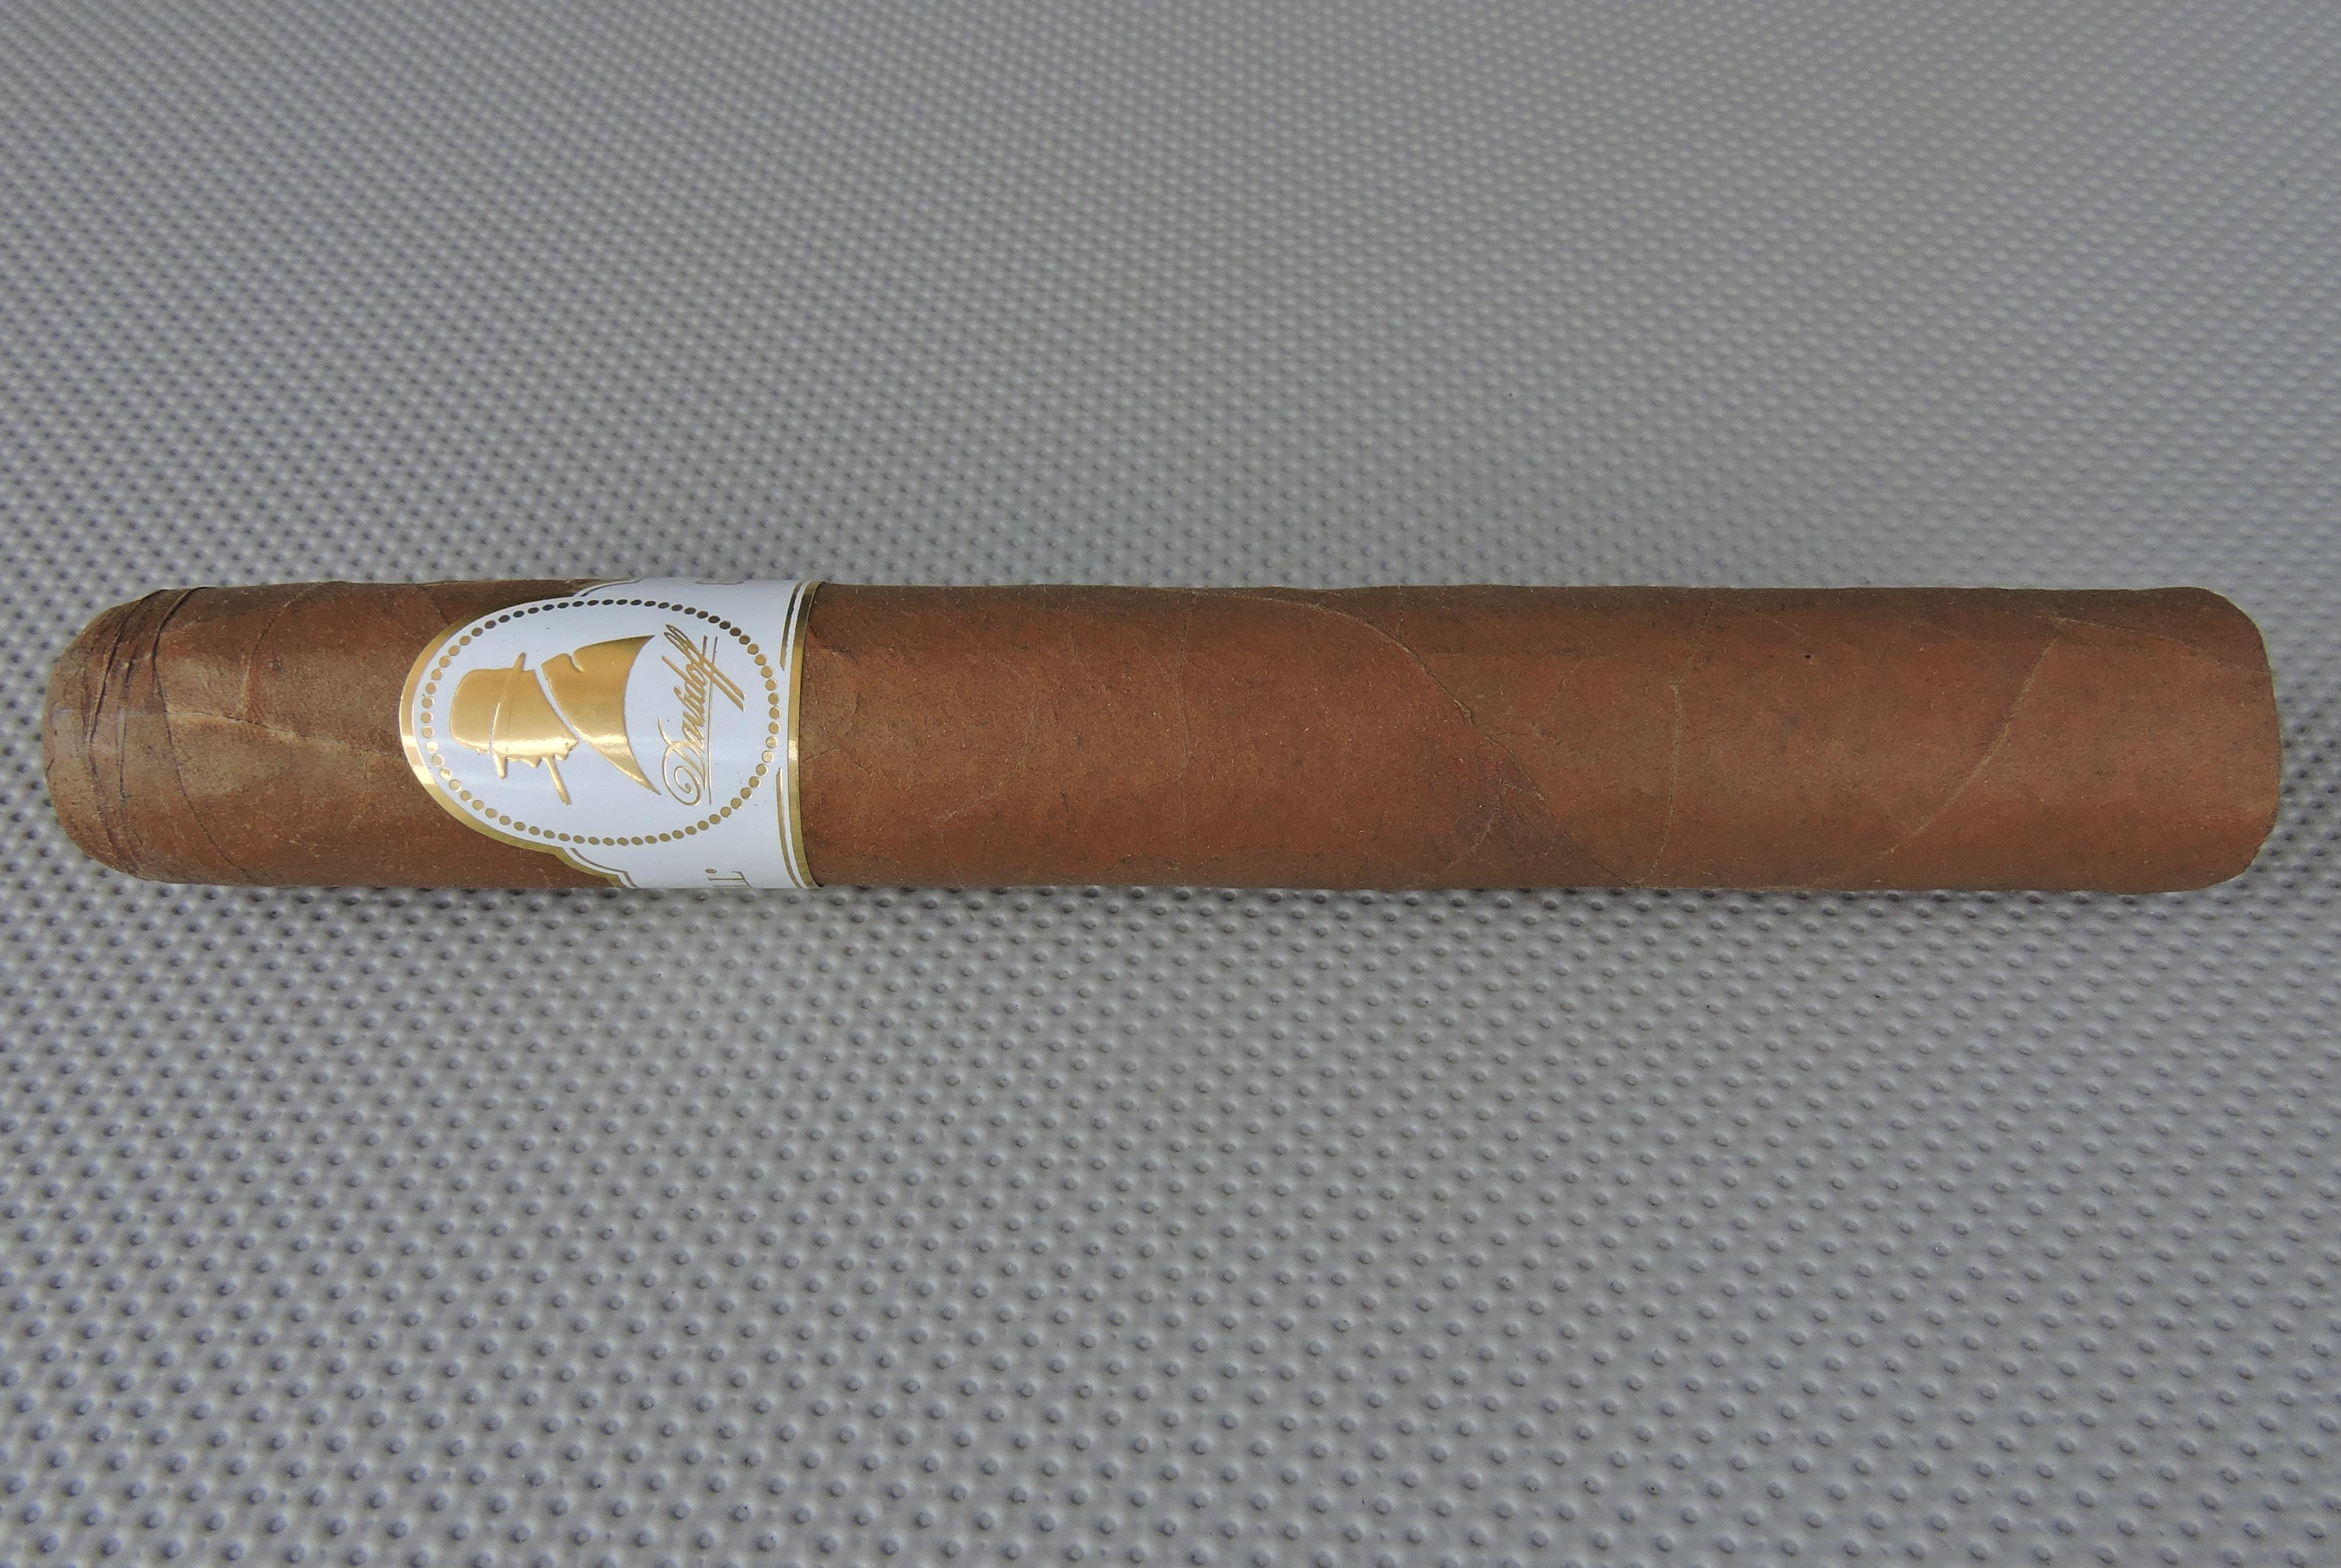 Agile Cigar Review: Davidoff Winston Churchill Toro